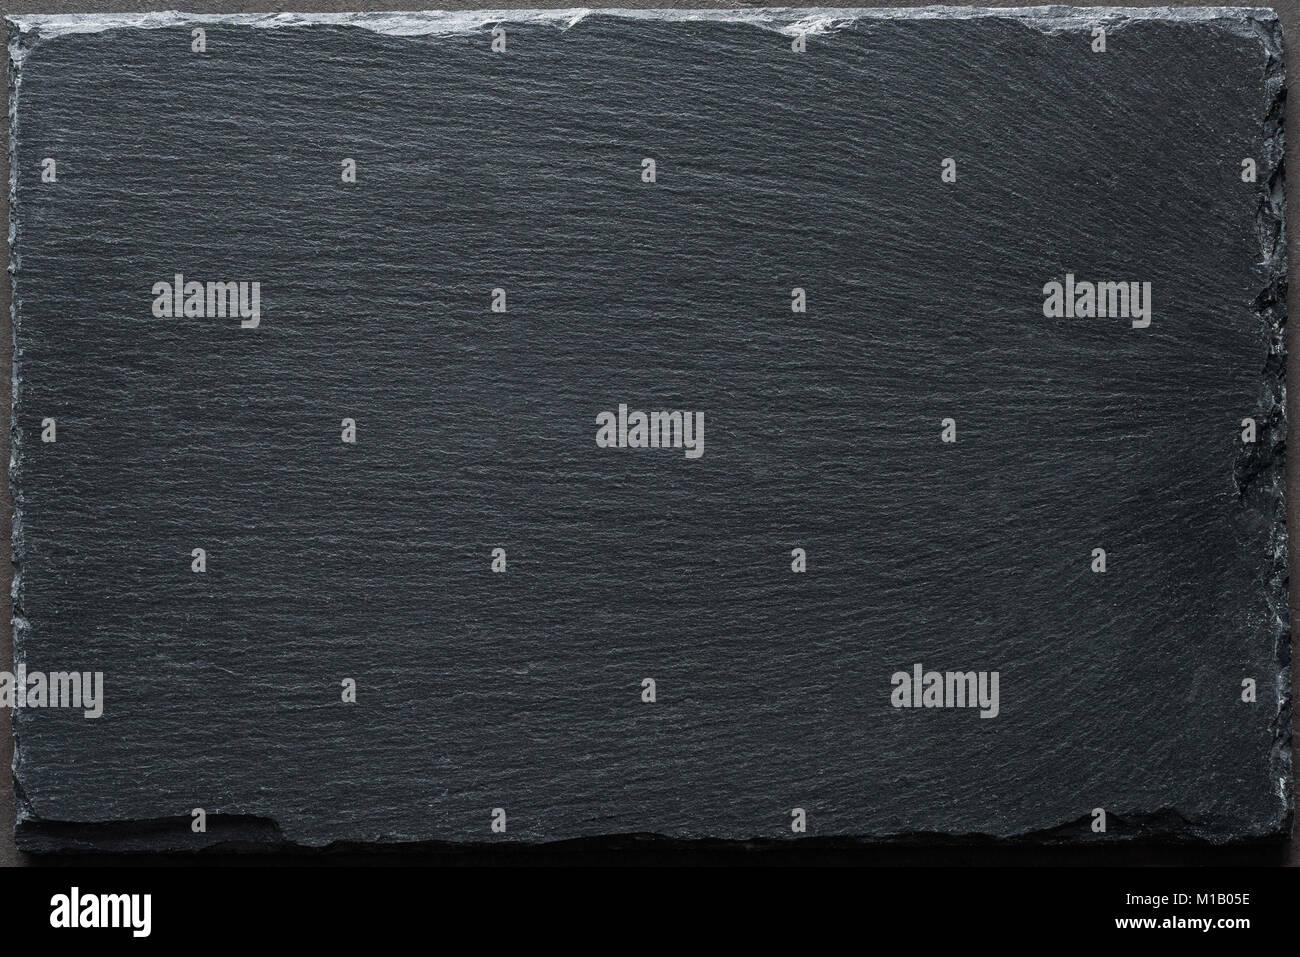 schwarzer schiefer hintergrund textur tabelle ansicht von oben kochen restaurant men. Black Bedroom Furniture Sets. Home Design Ideas